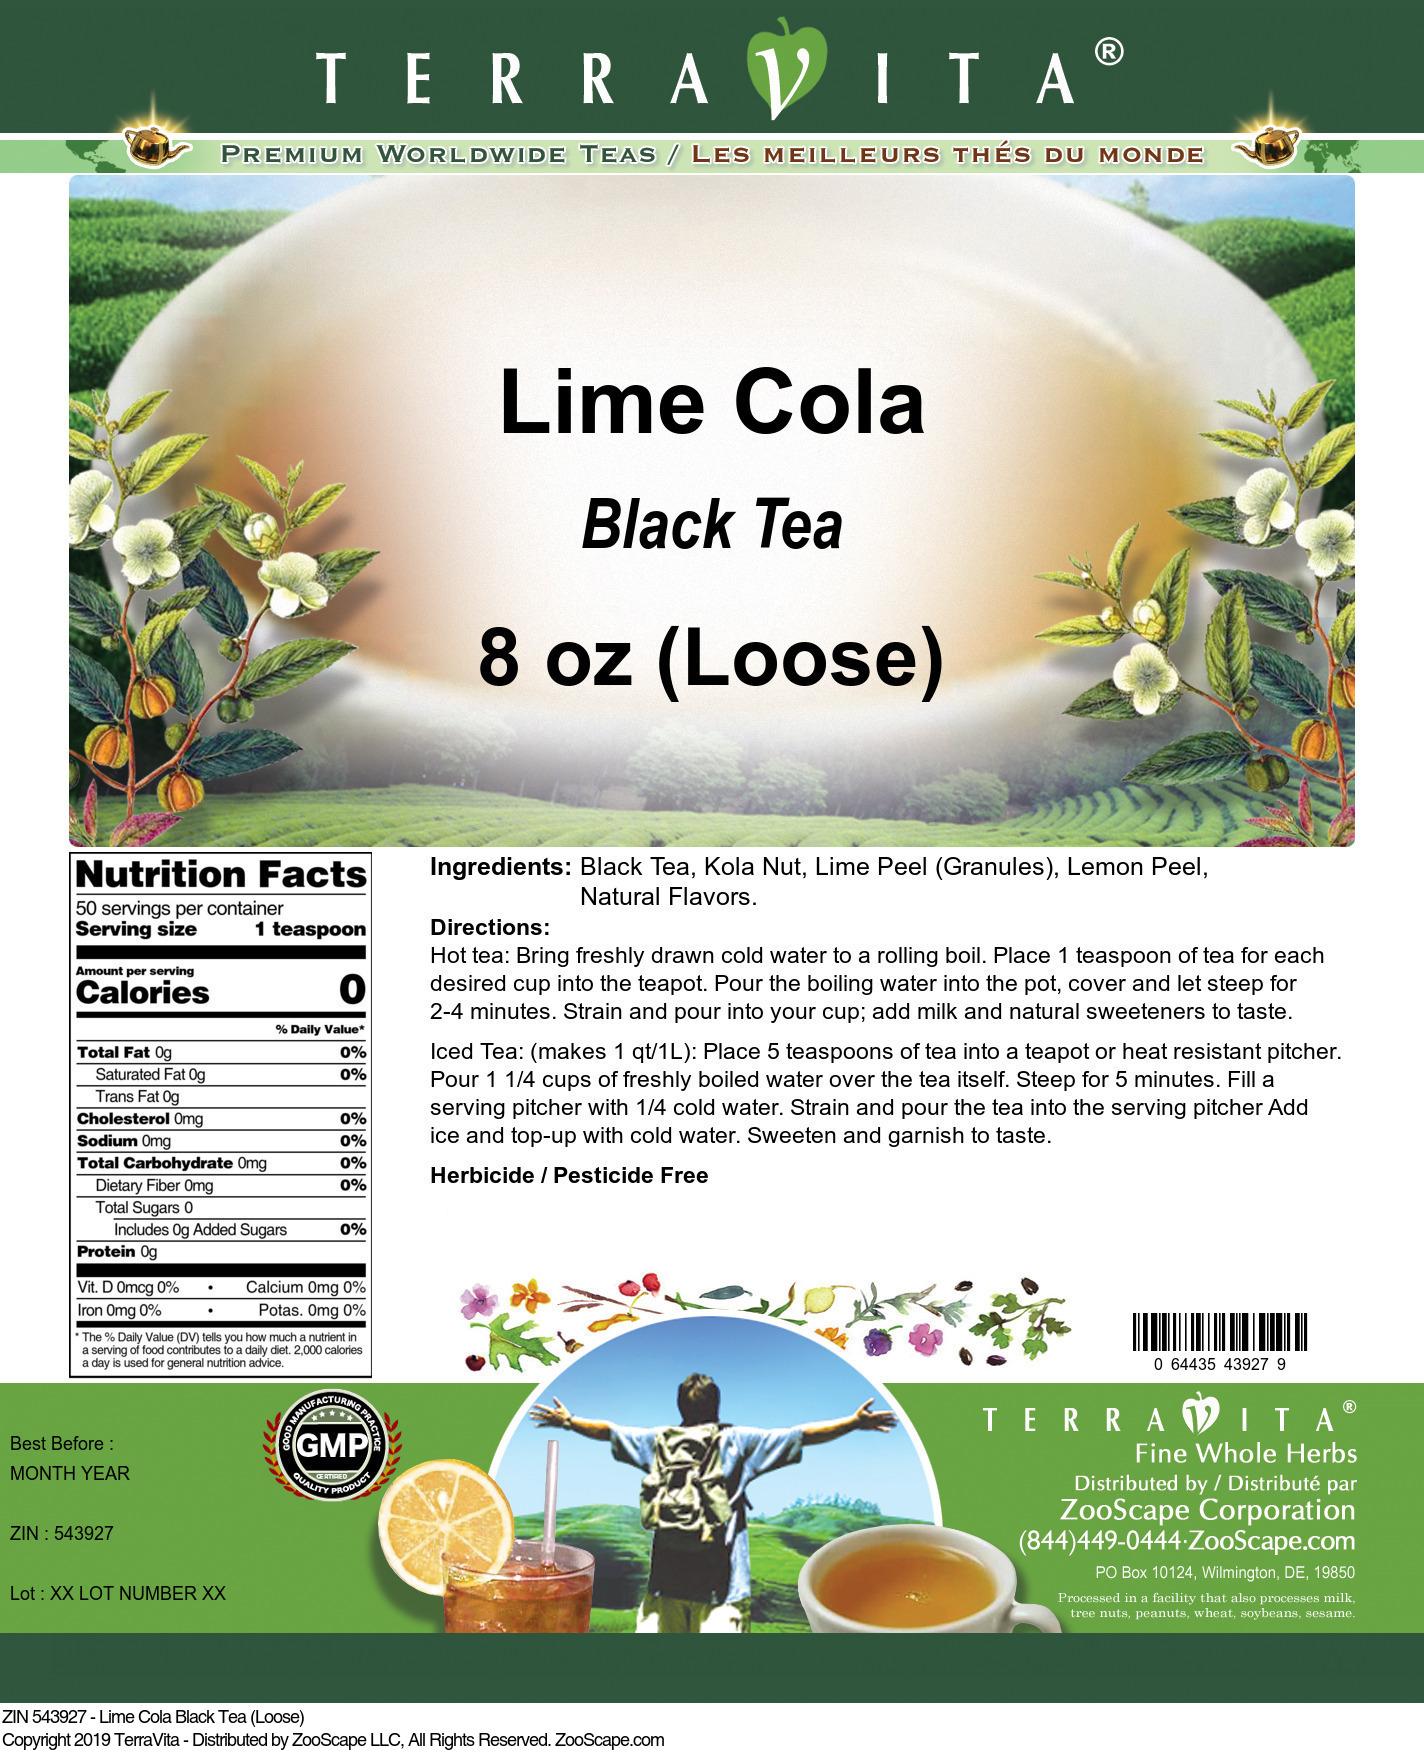 Lime Cola Black Tea (Loose)